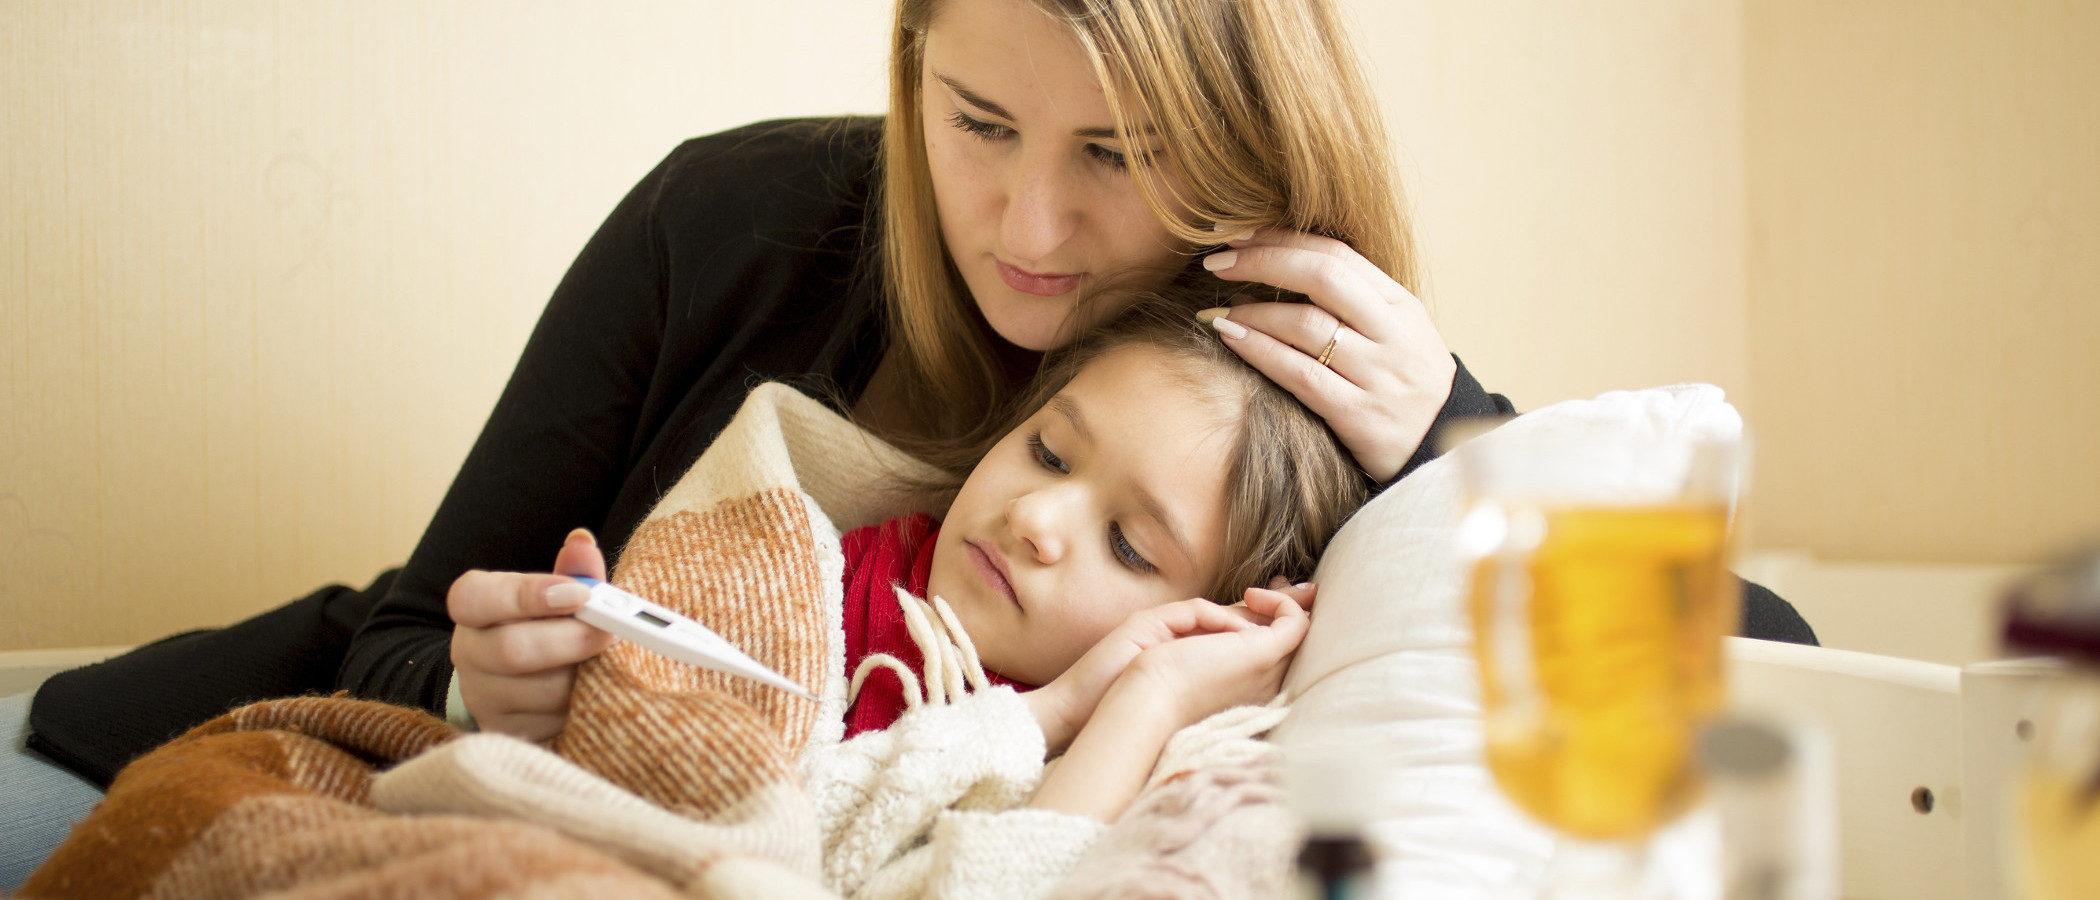 El impétigo: cómo curar esta infección en la piel